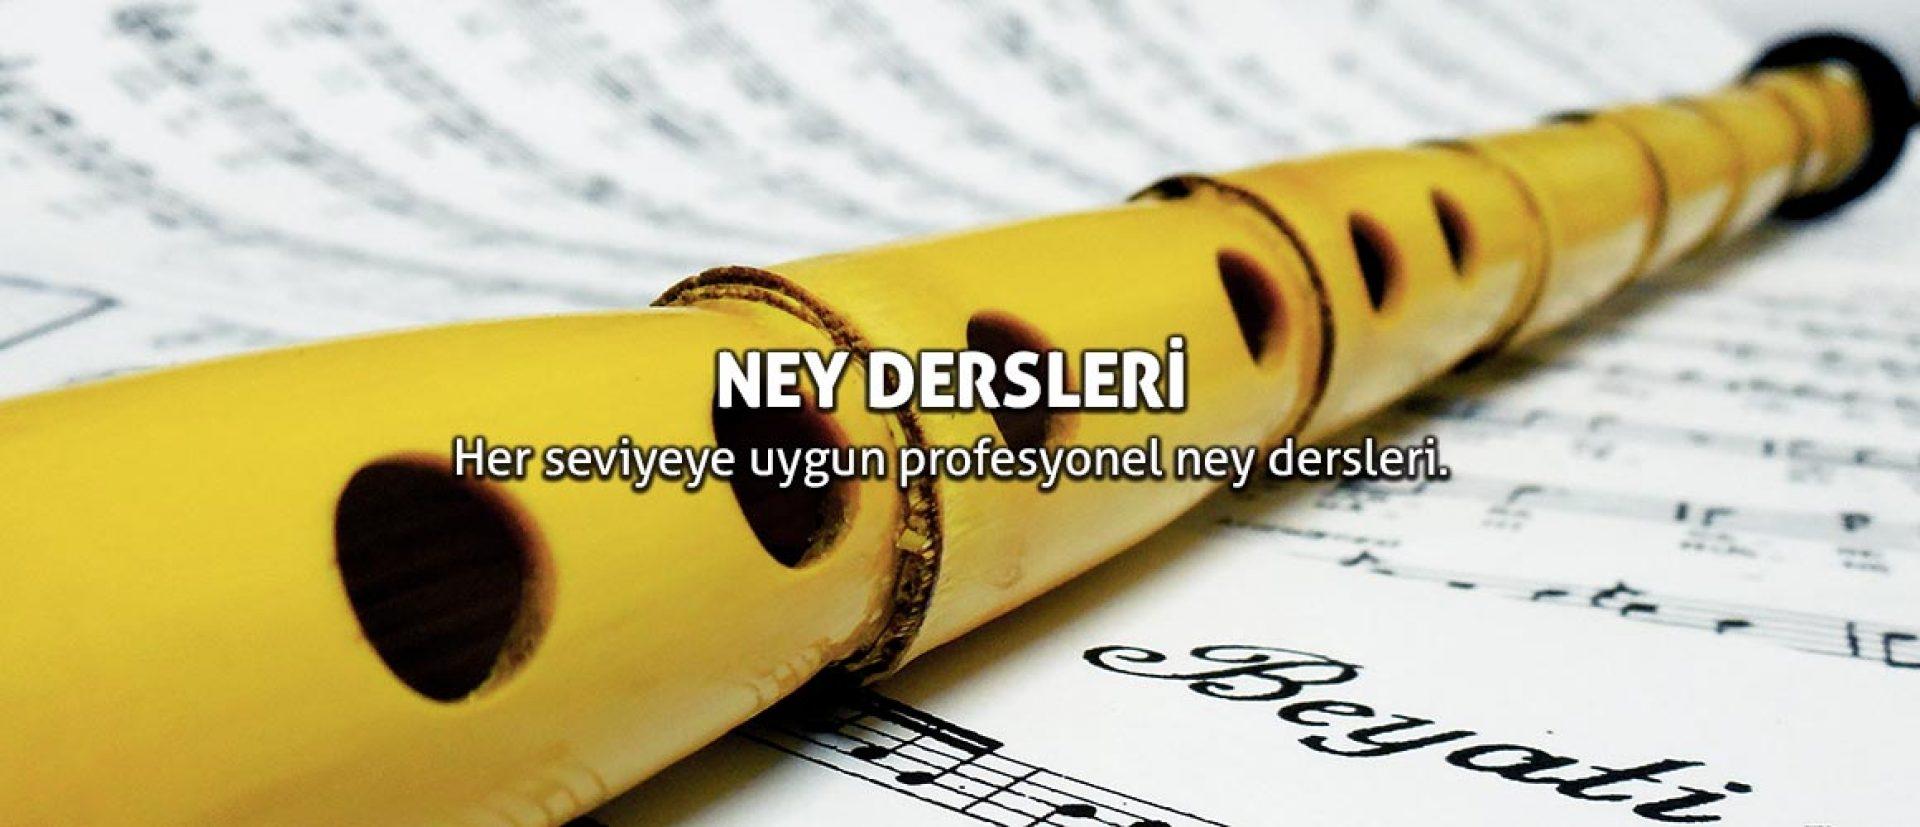 NEY DERSLERİ